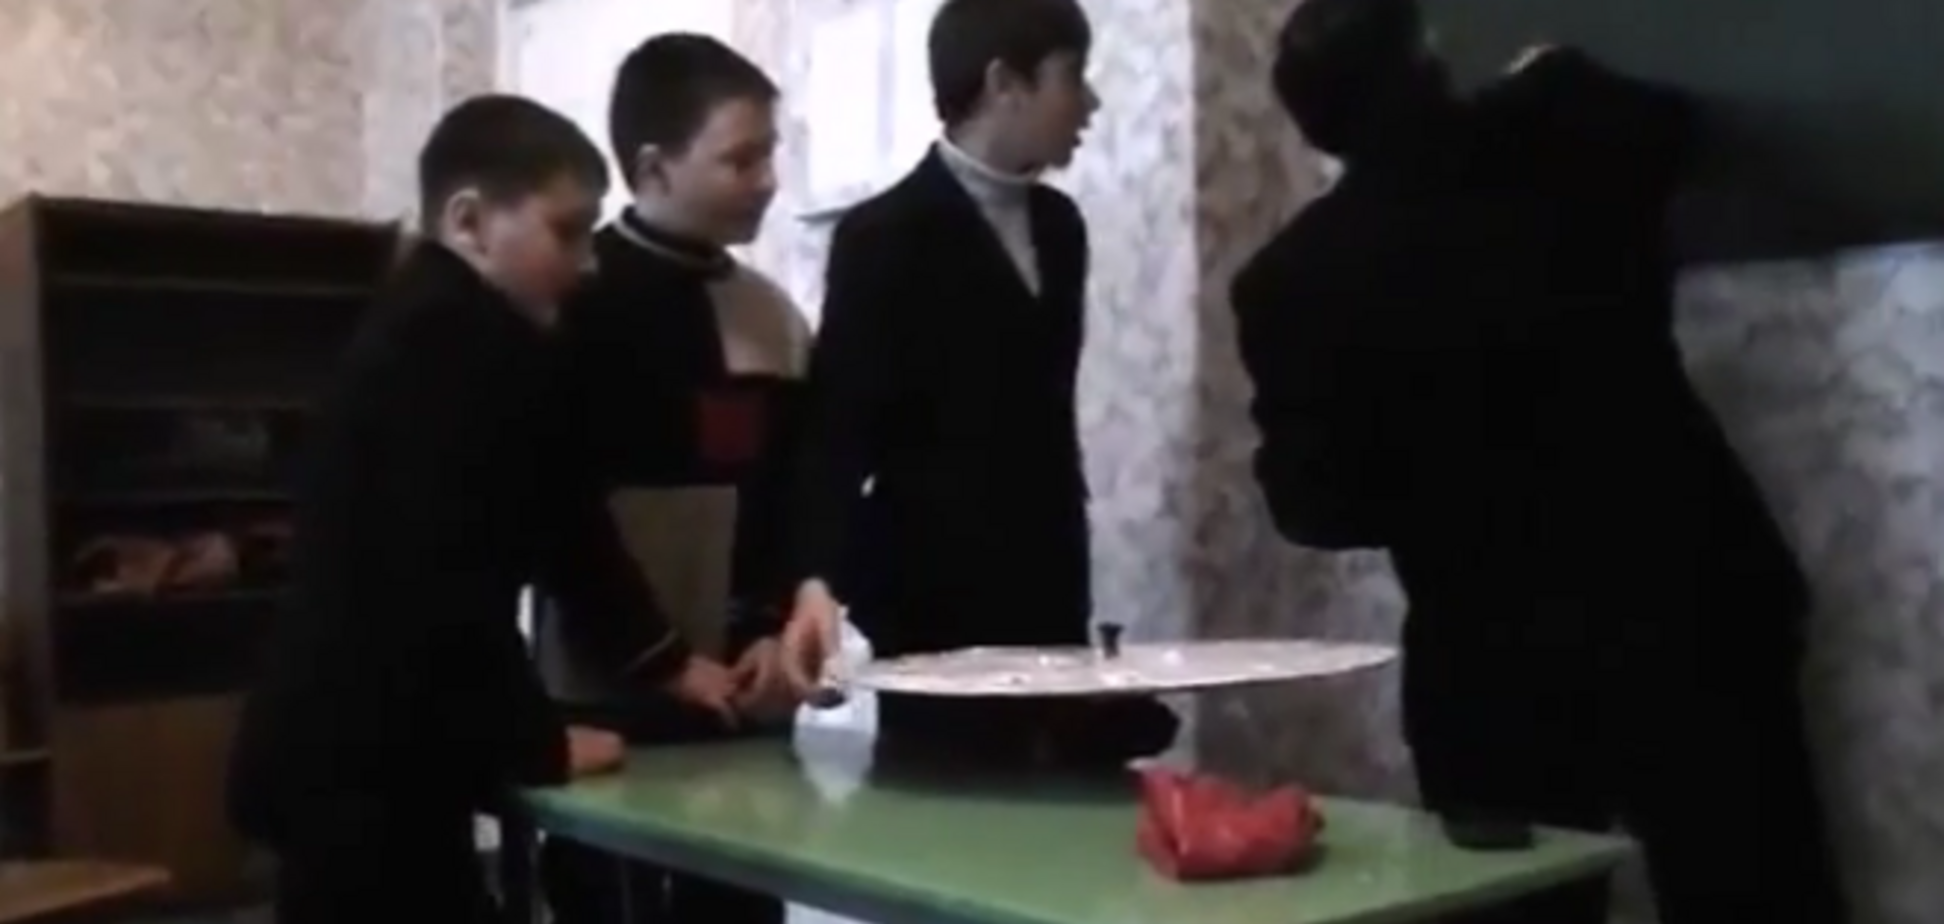 В Ровеньках школьники сидели на уроке, когда начался артиллерийский обстрел: видеофакт